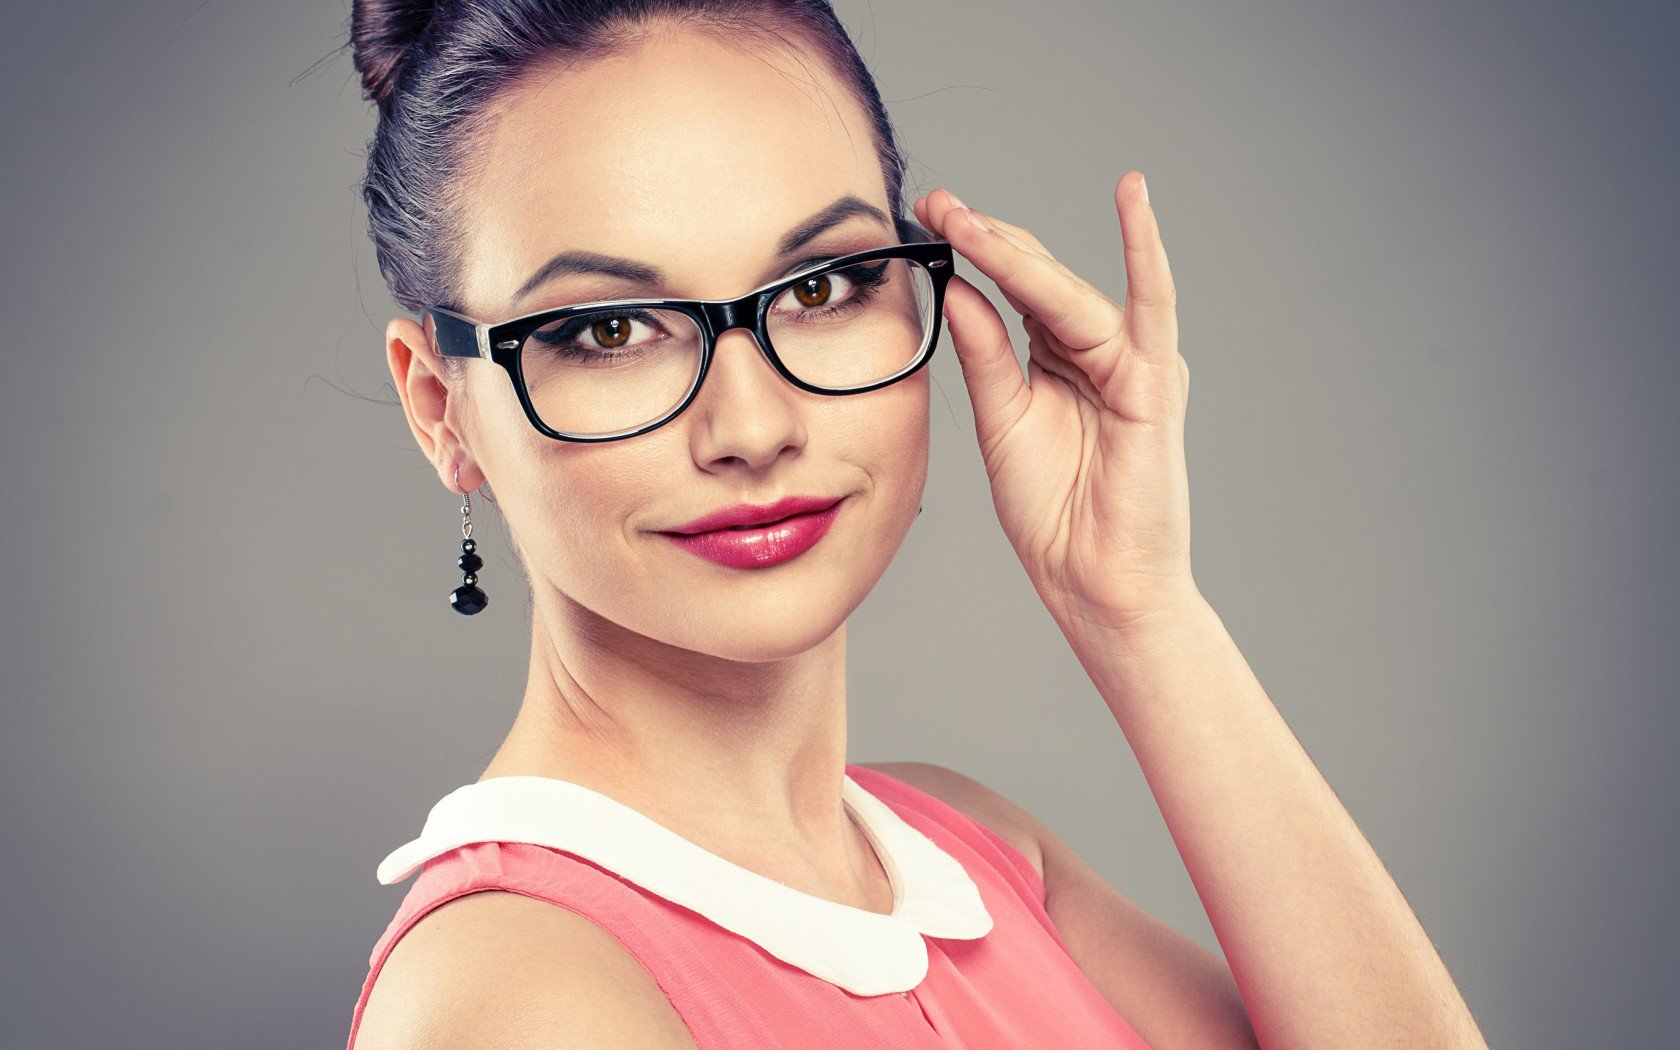 Об очках для женщин